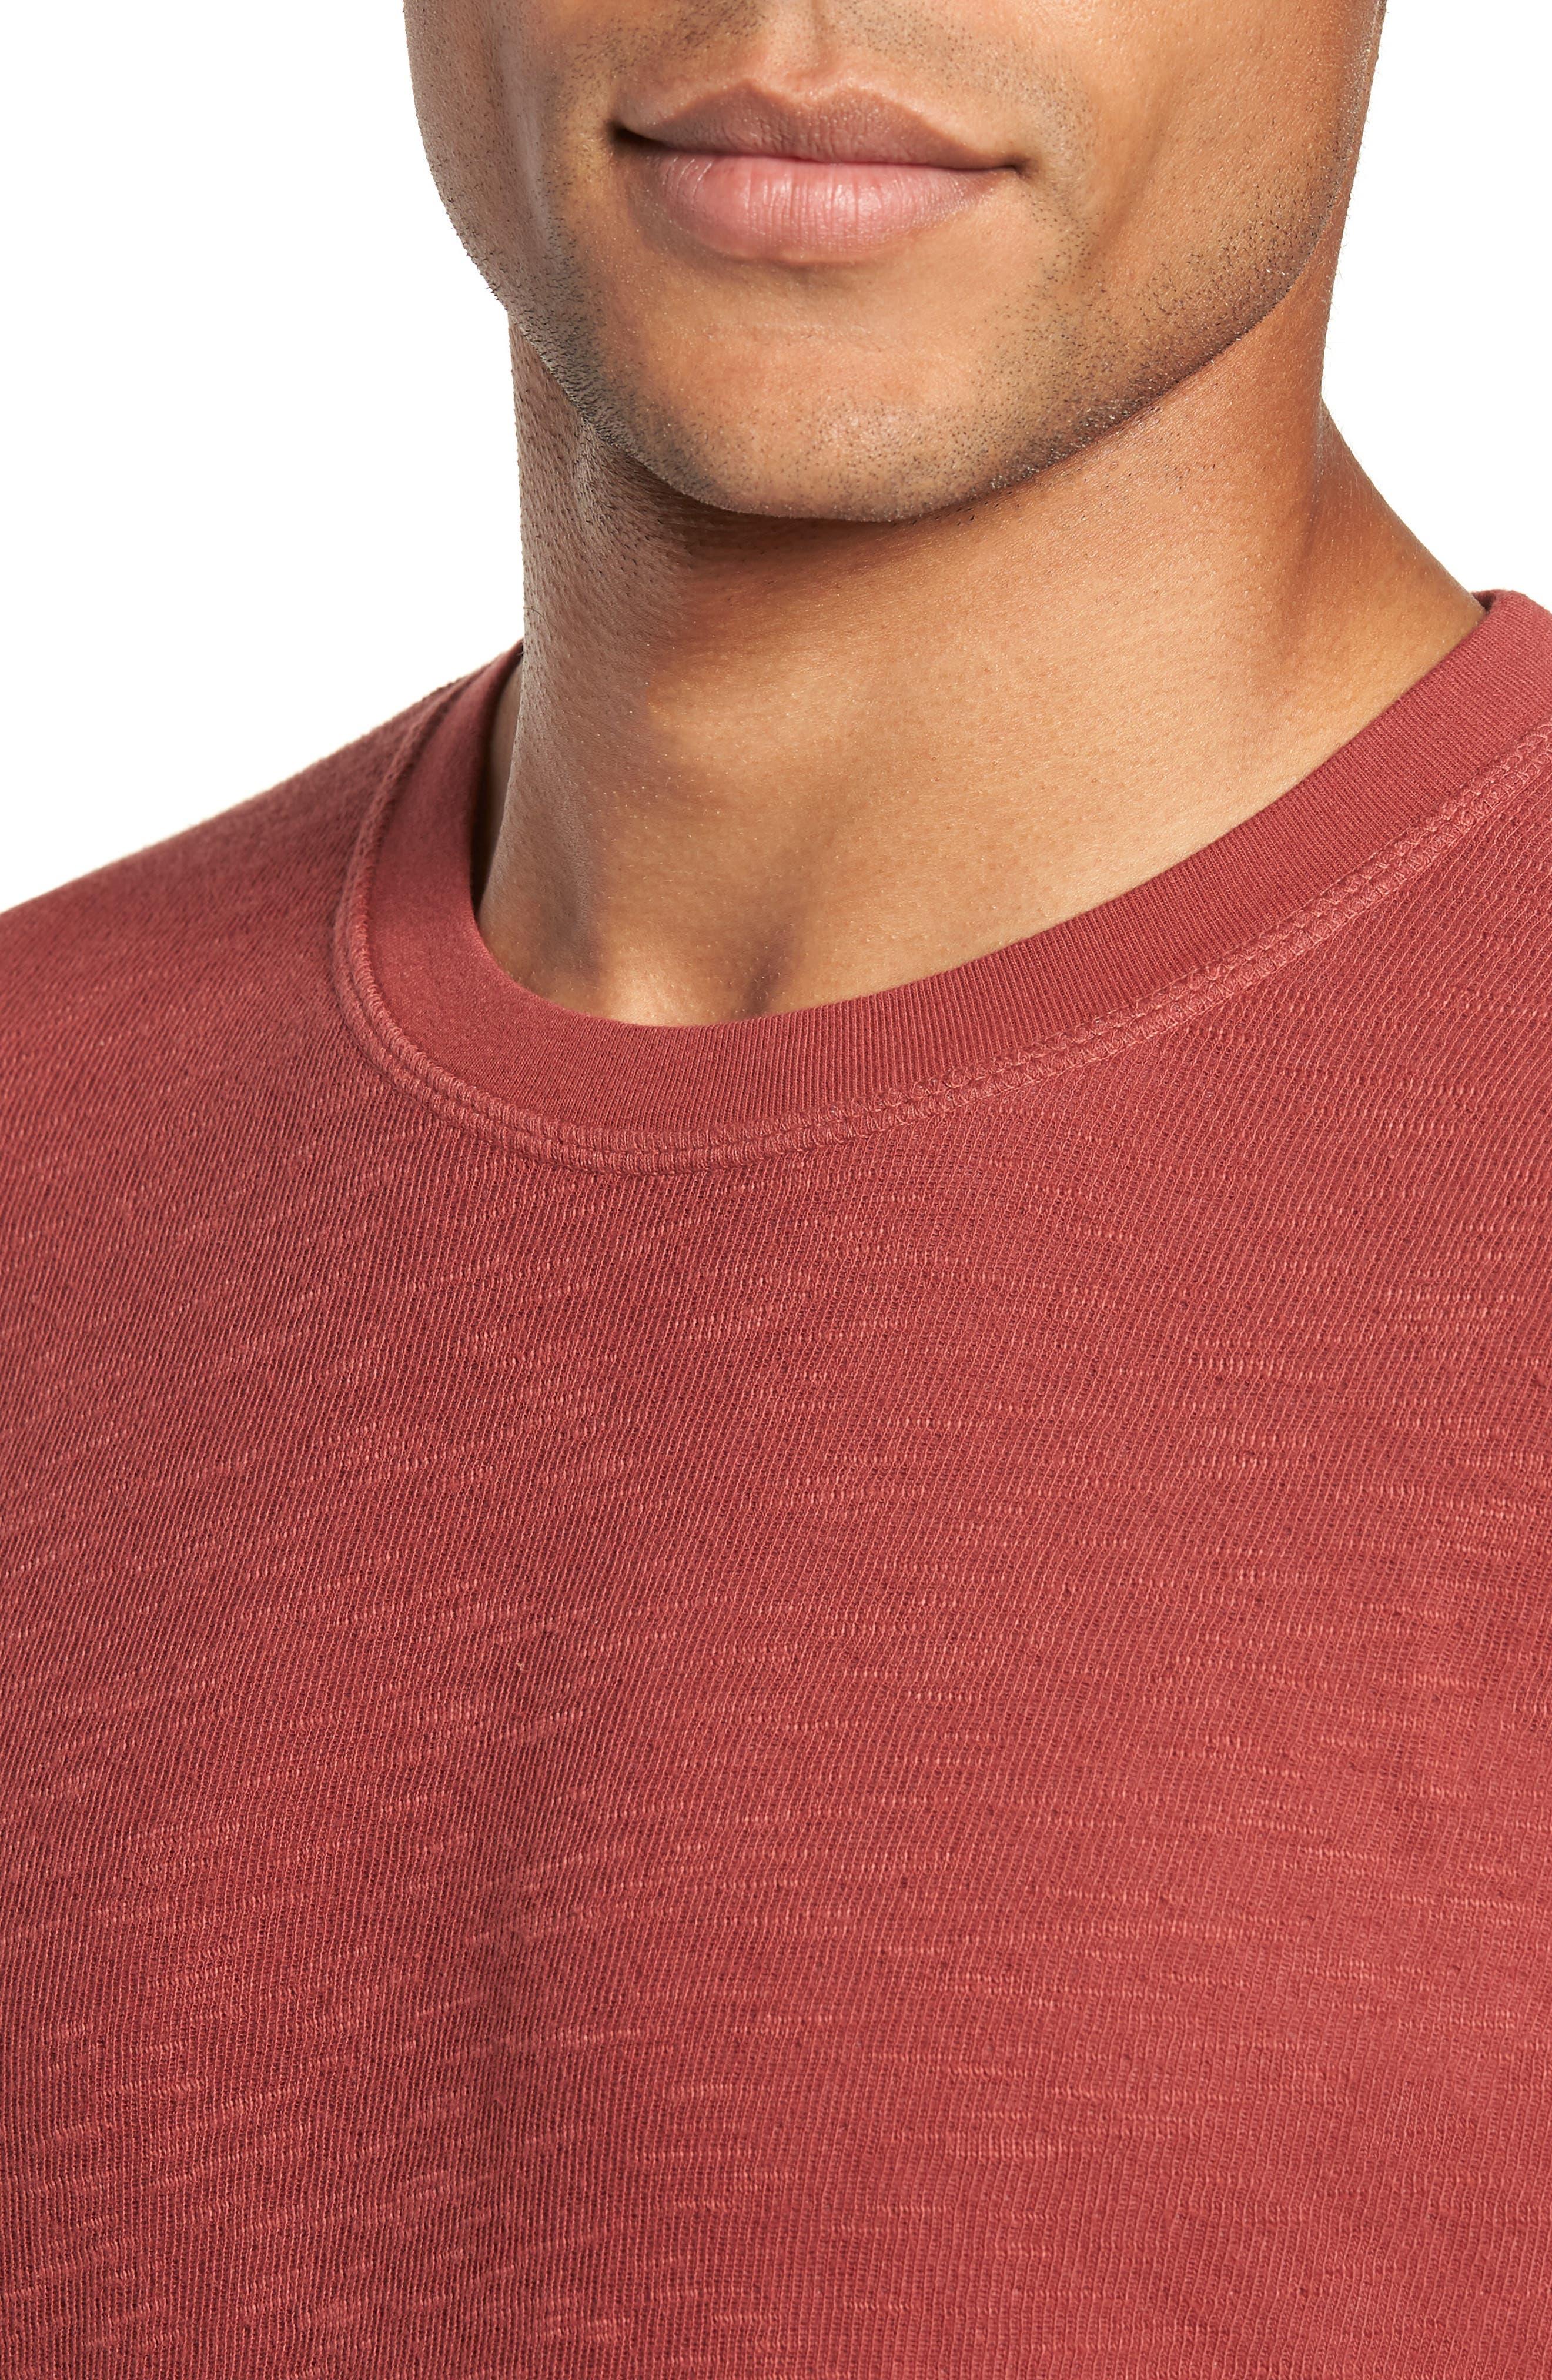 Double Layer Slim Crewneck T-Shirt,                             Alternate thumbnail 23, color,